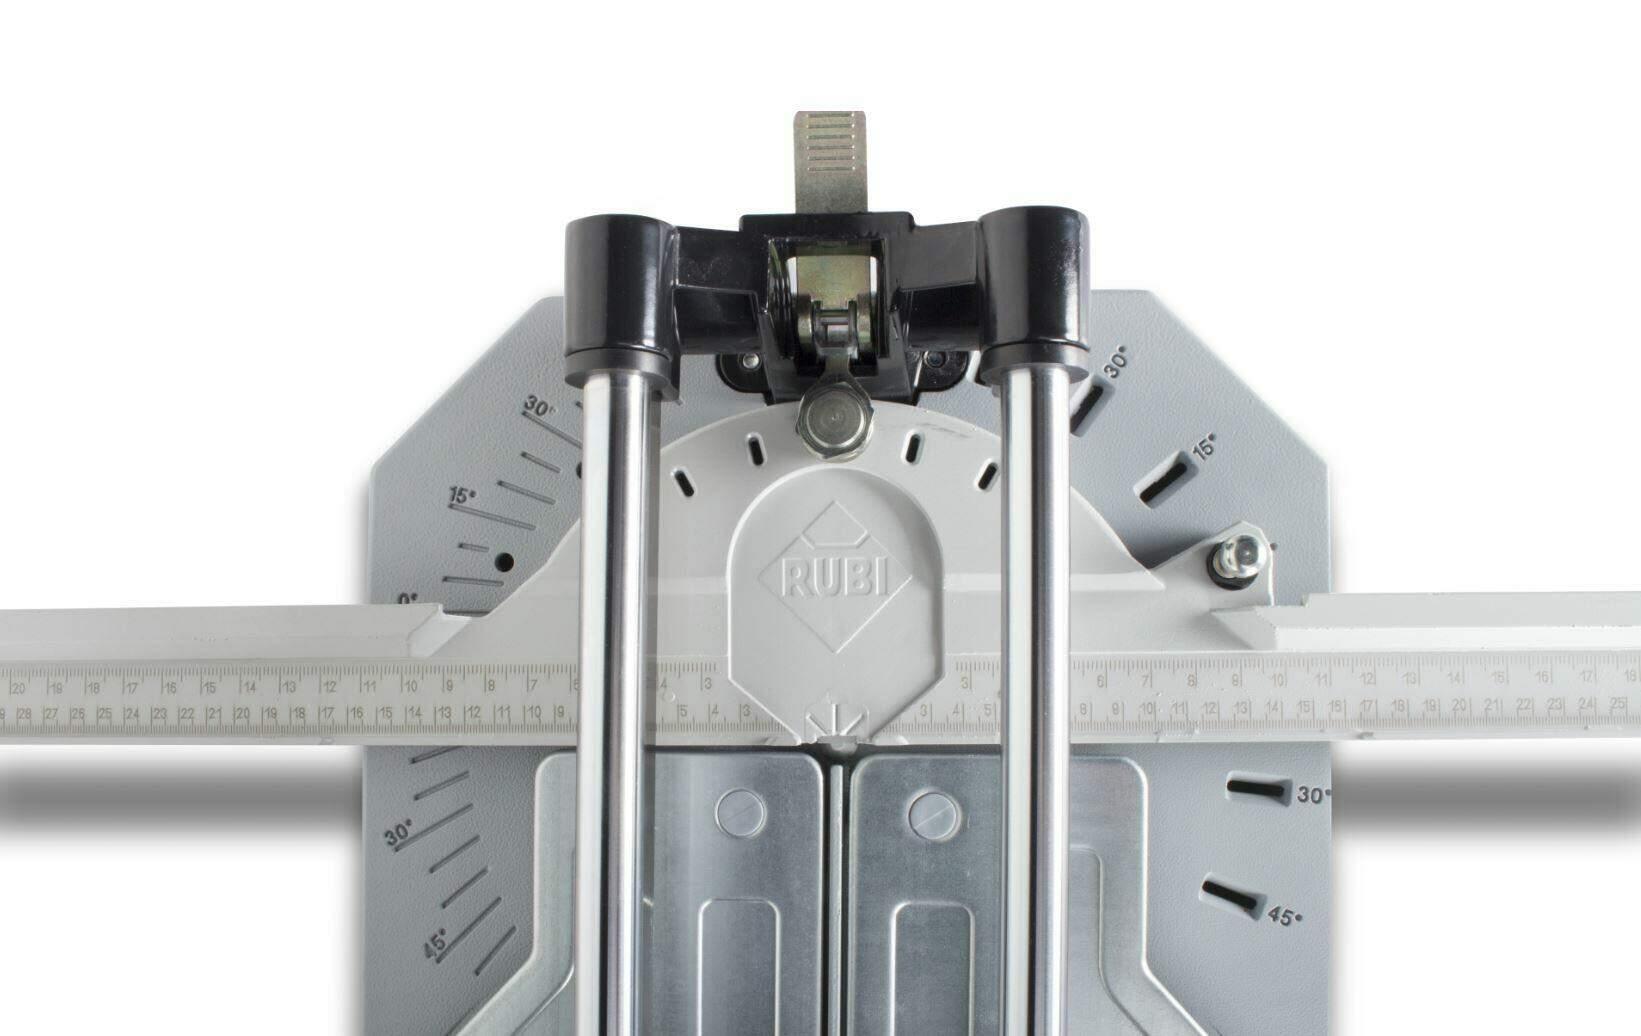 Een tegelsnijder met draaibare vooraanslag is ideaal voor als je veel tegels diagonaal moet snijden.